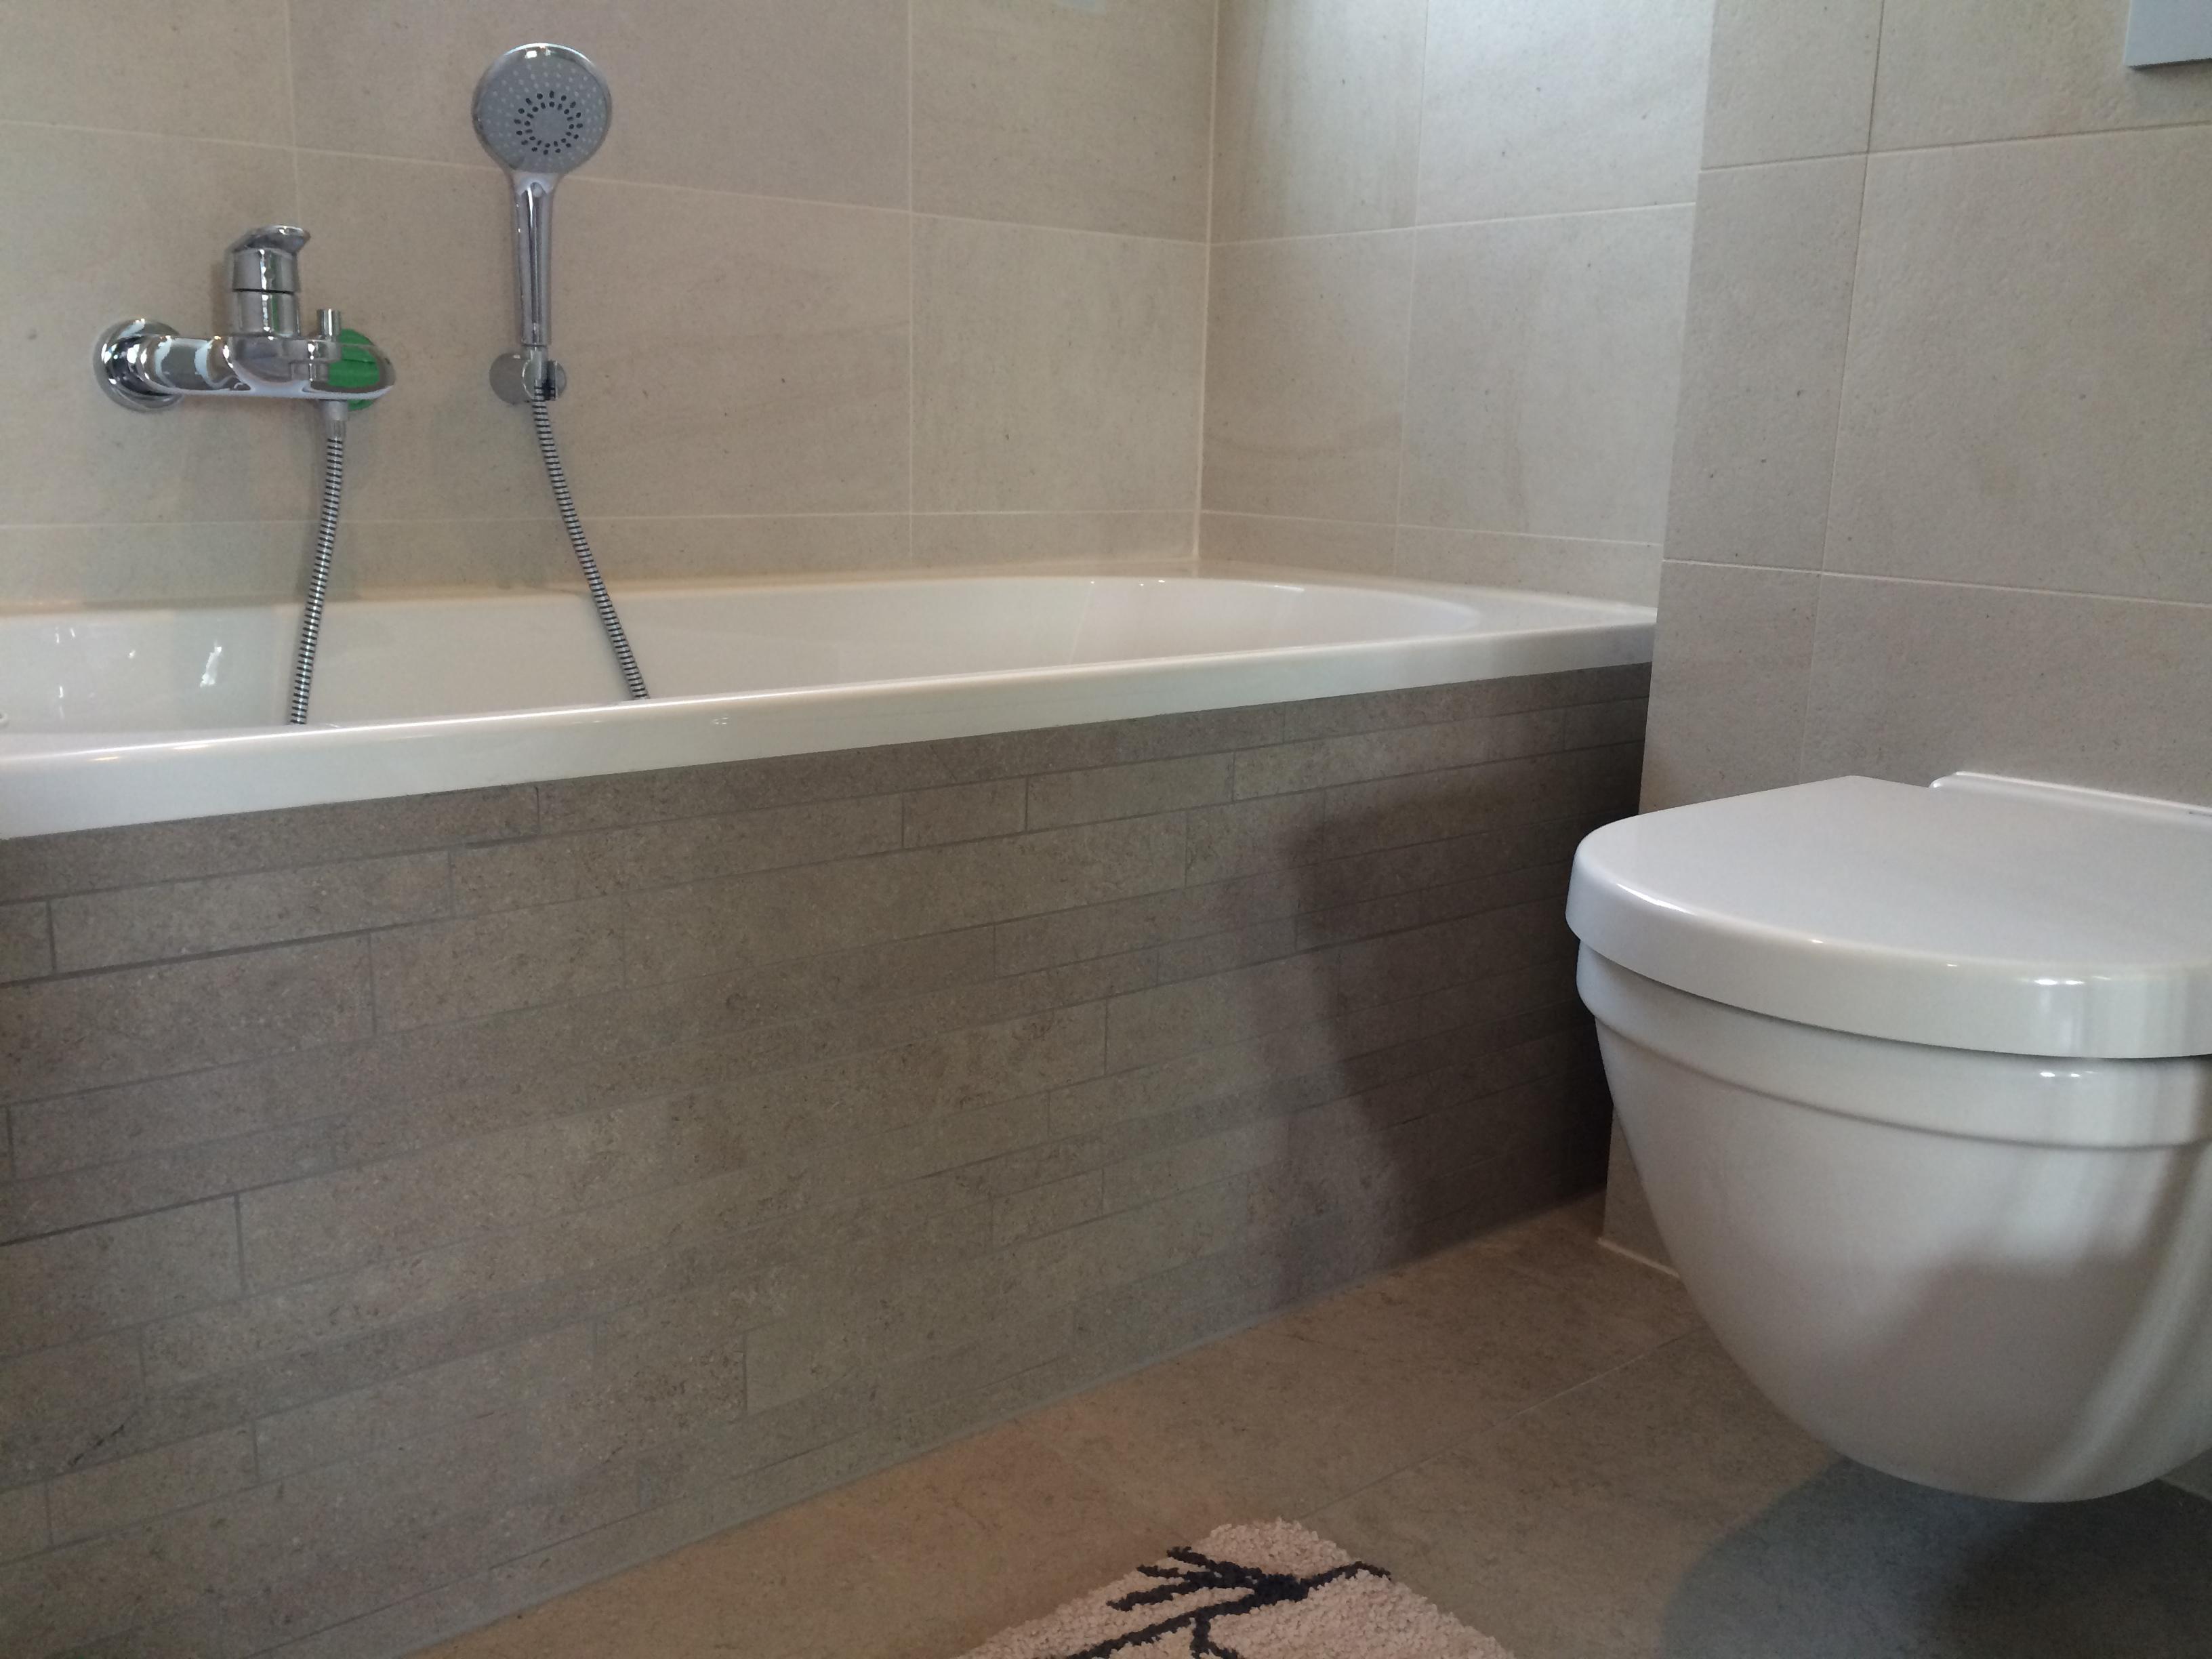 Badkamer afwerking bad - Mozaiek blauwe bad ...